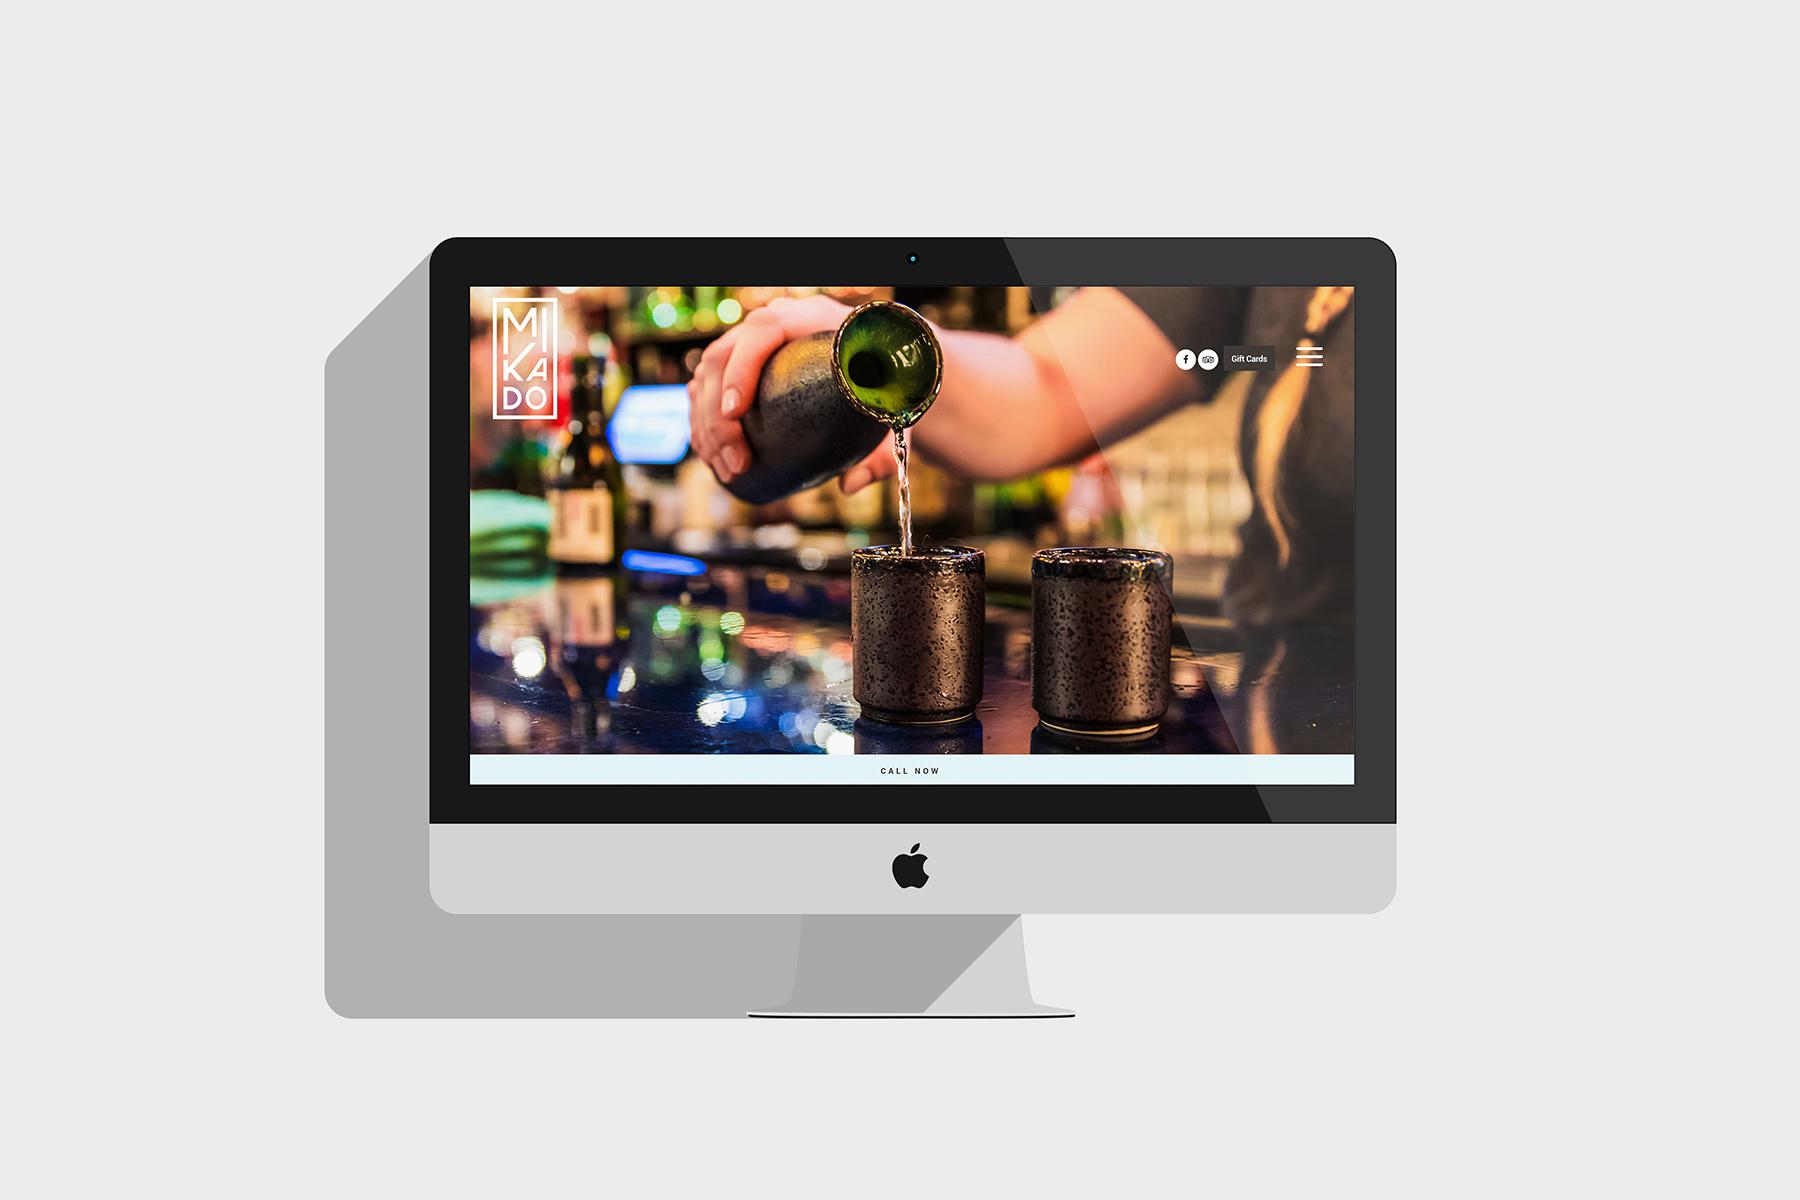 Image of website design on iMac